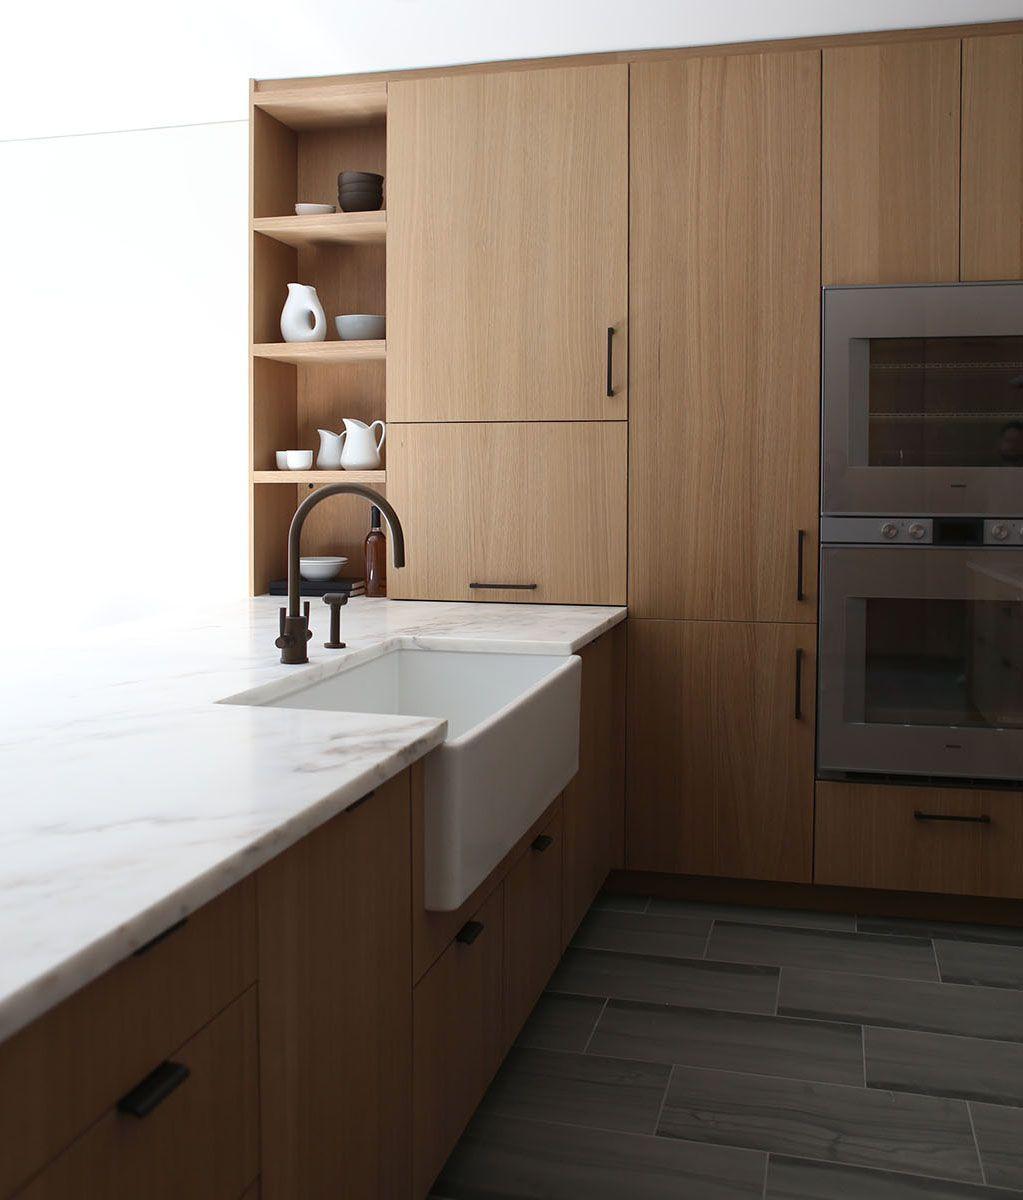 Fitted Kitchen Interior Designs Ideas Kitchen Cabinet: Henry Built Kitchen - Google Search